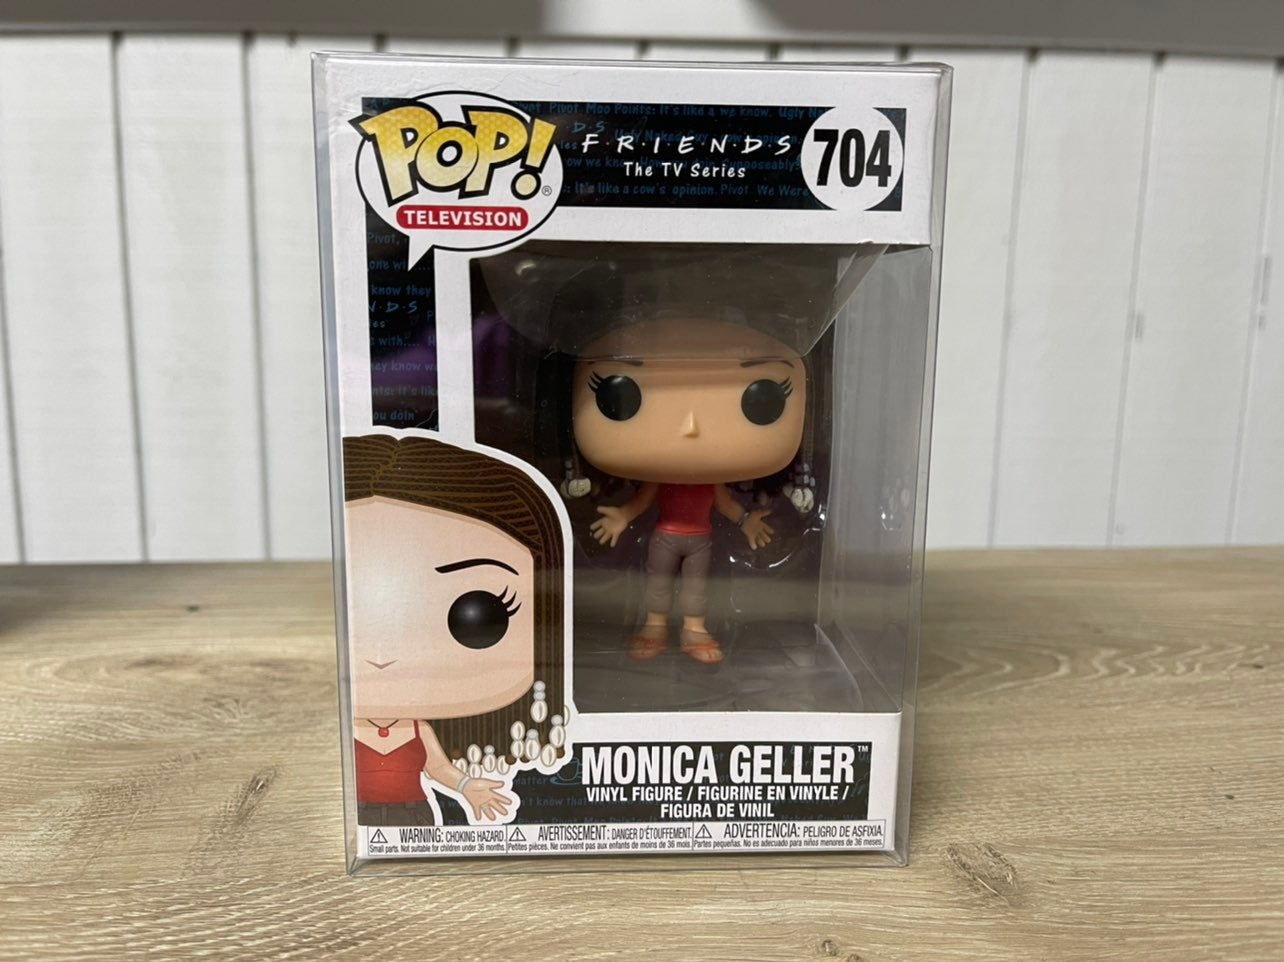 Monica Geller #704